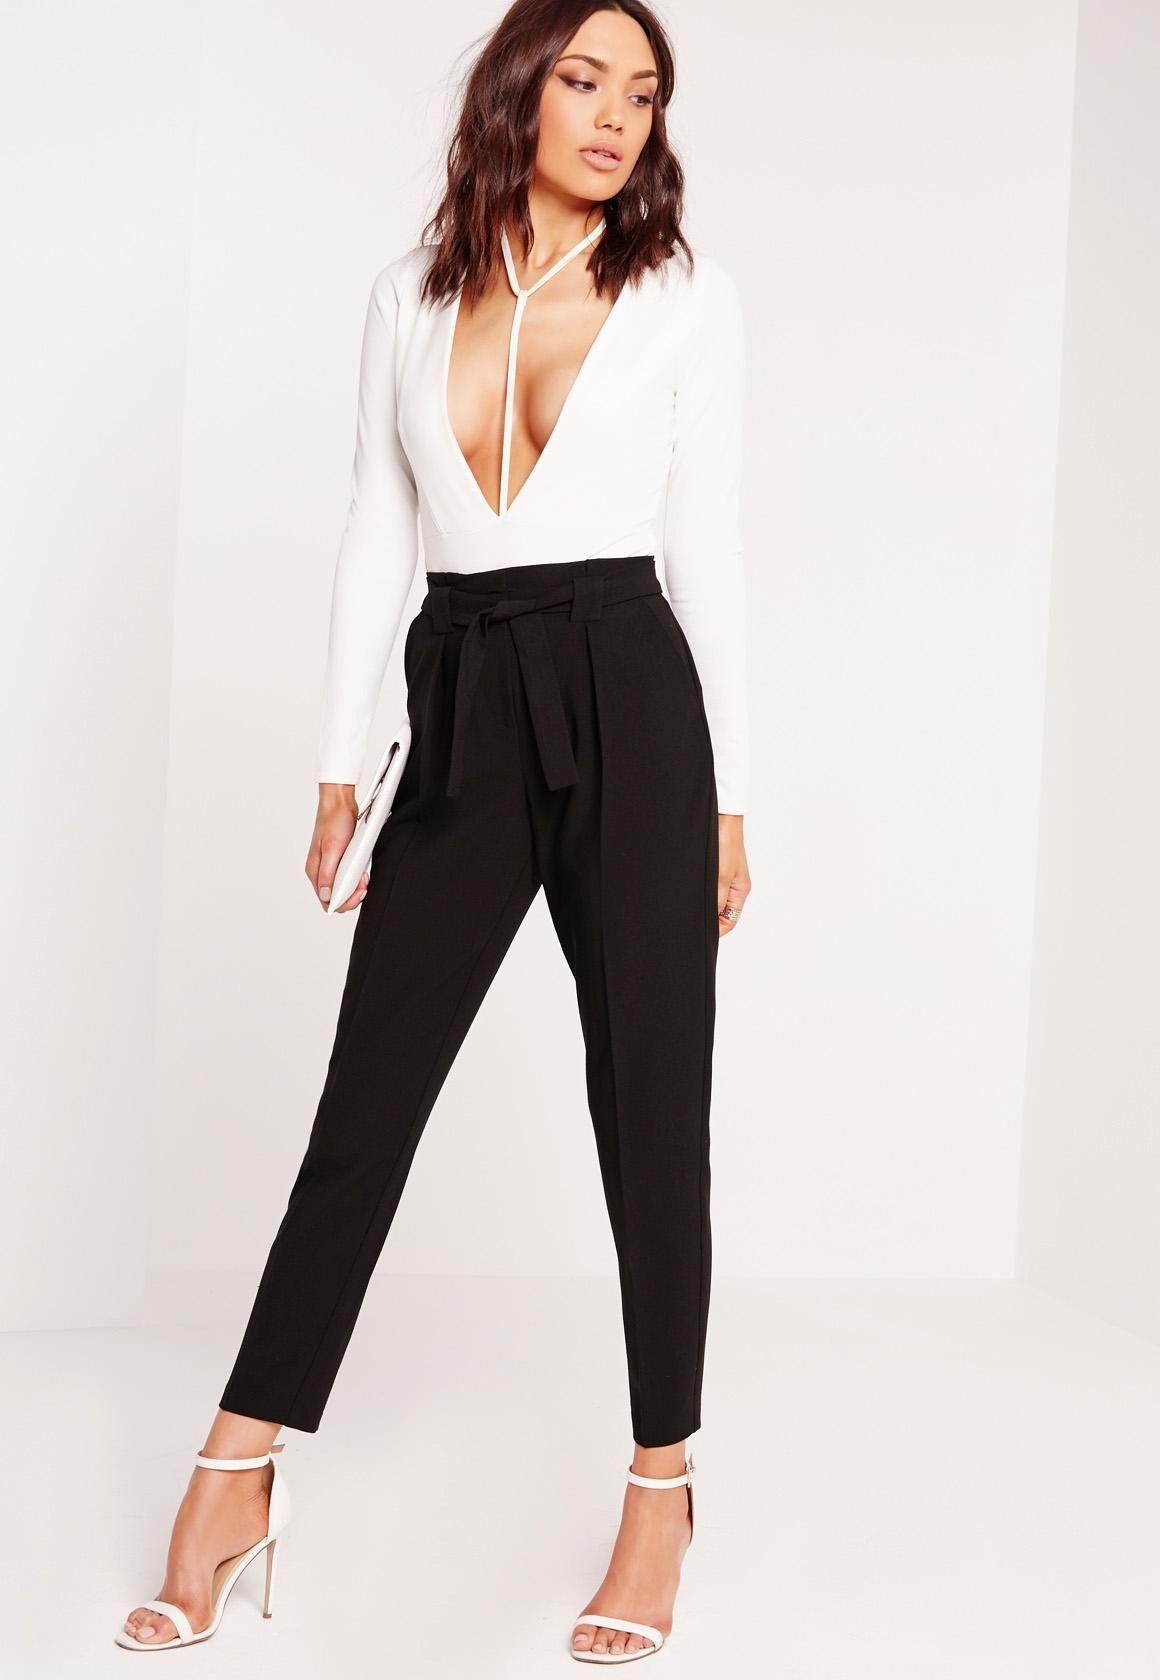 de2811373f62da Missguided - Pleated Waist Tie Belt Cigarette Pants Black | Clothes ...